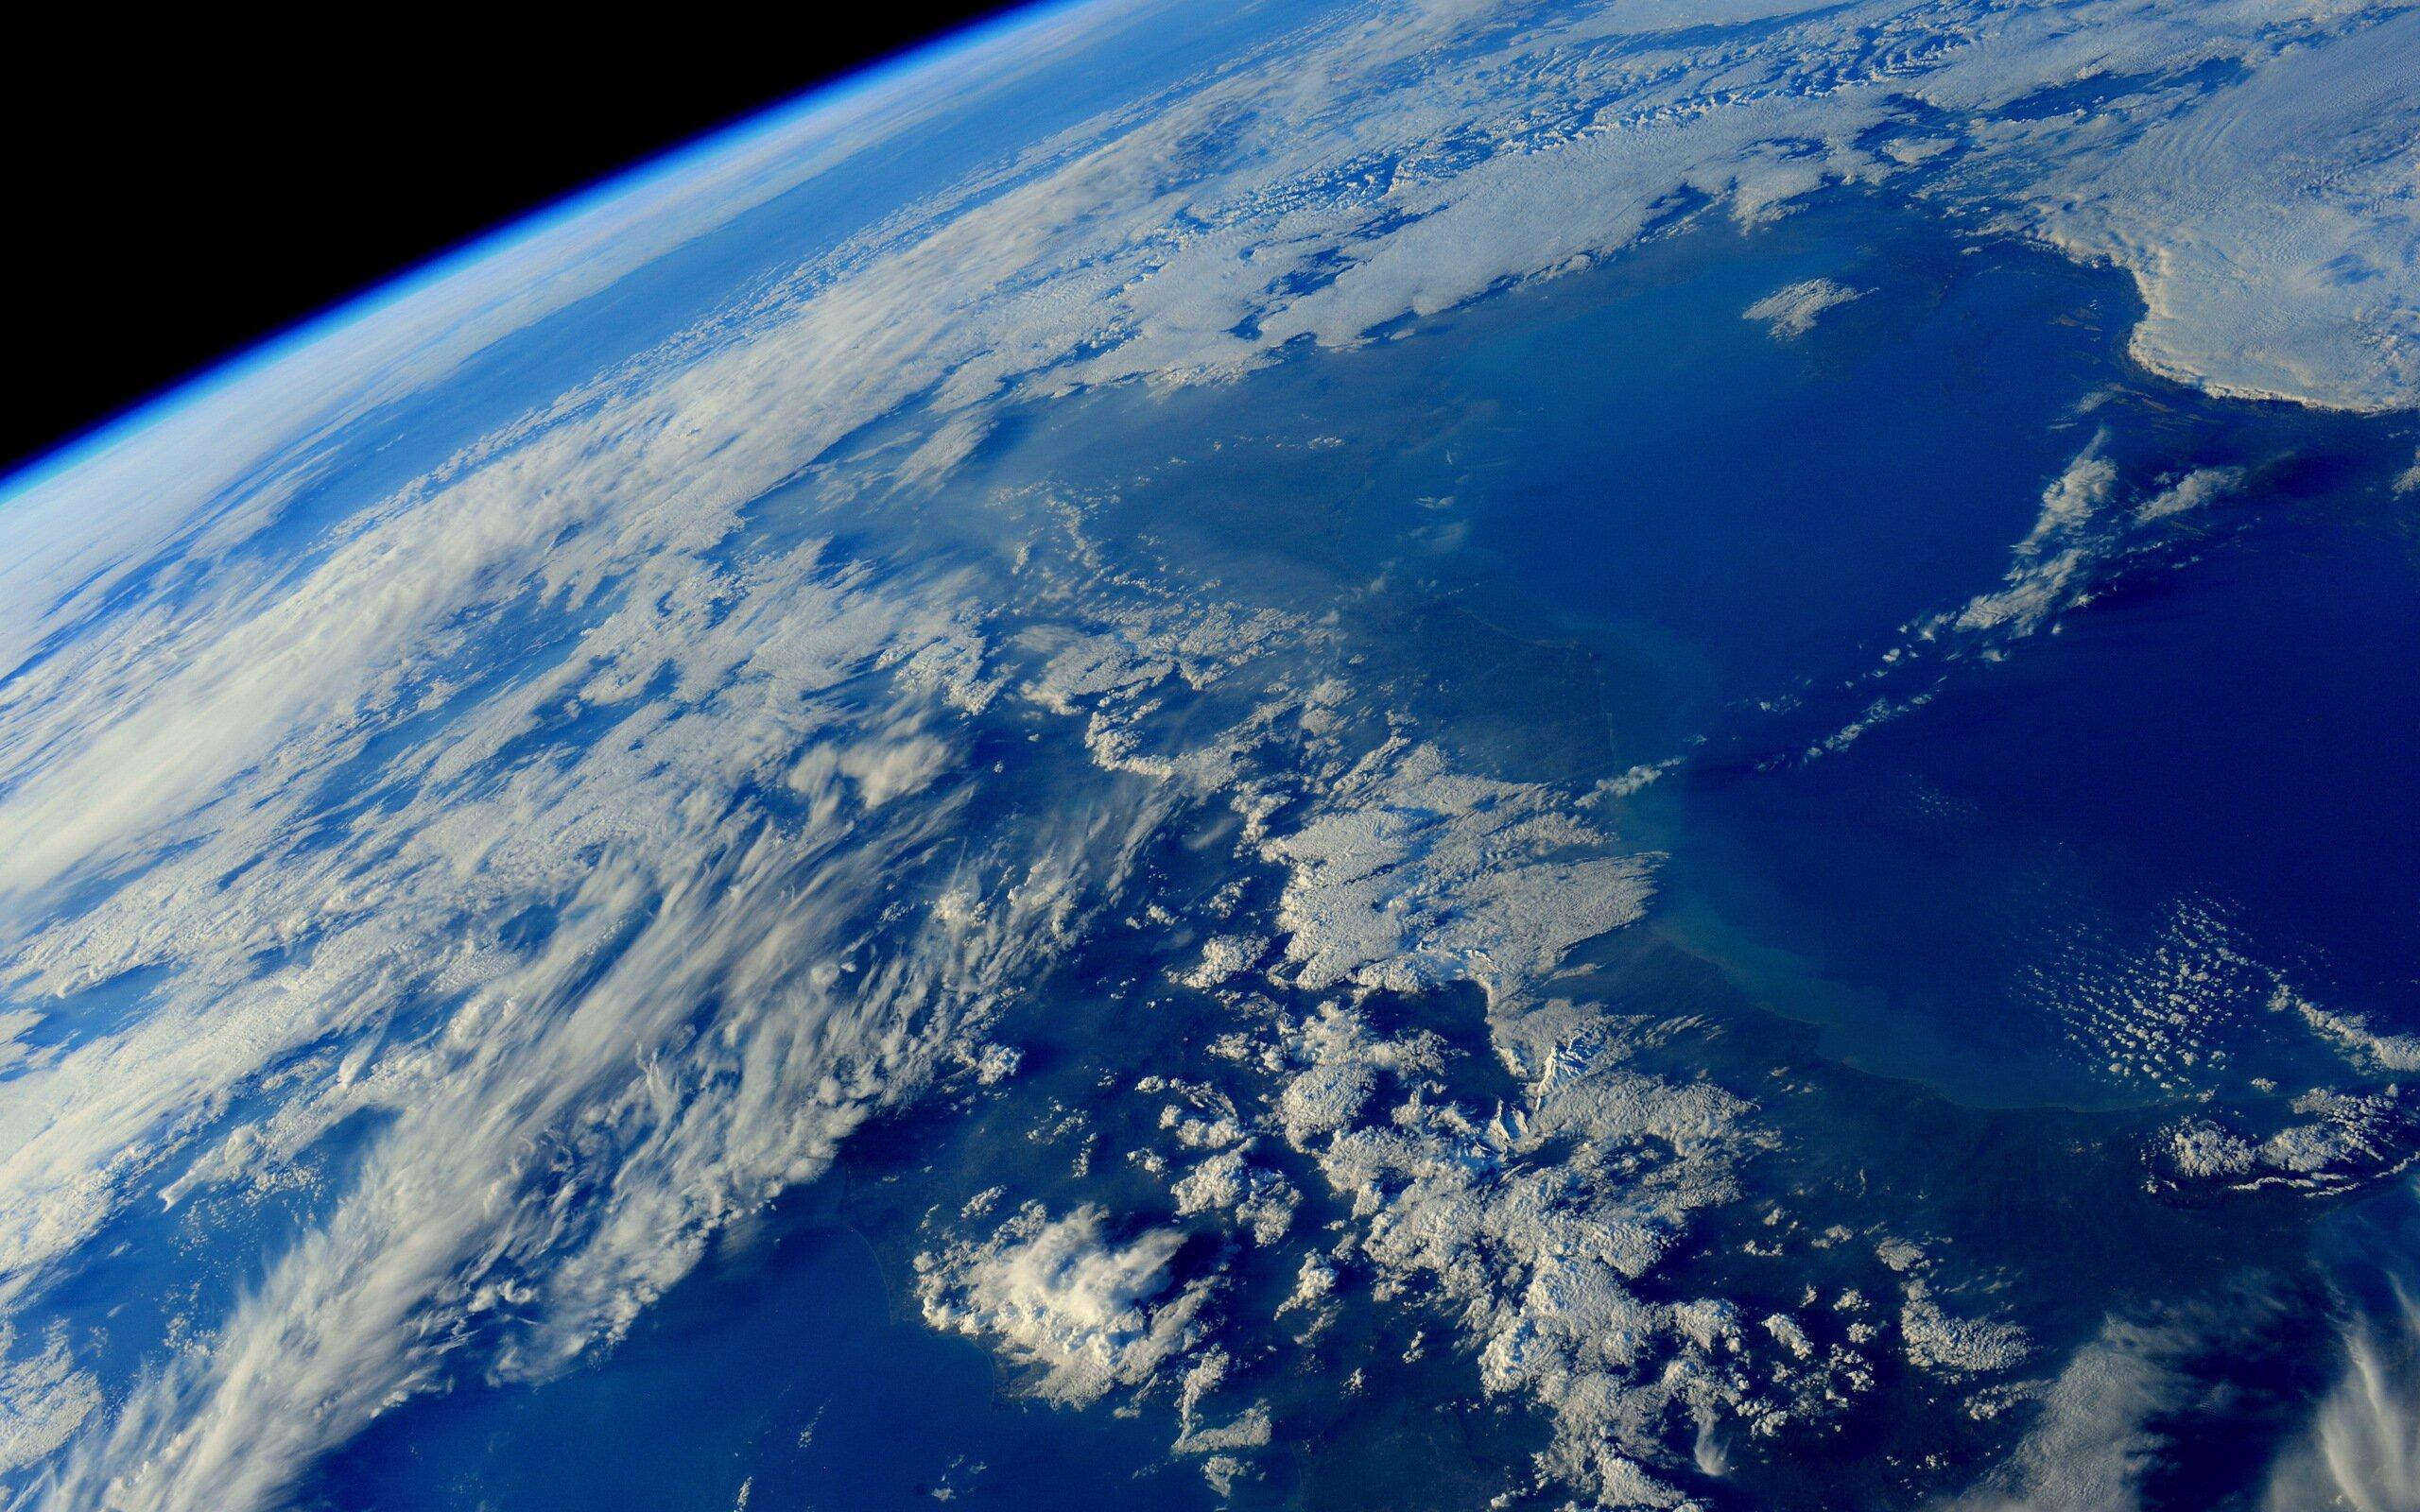 фото из космоса земли хорошего